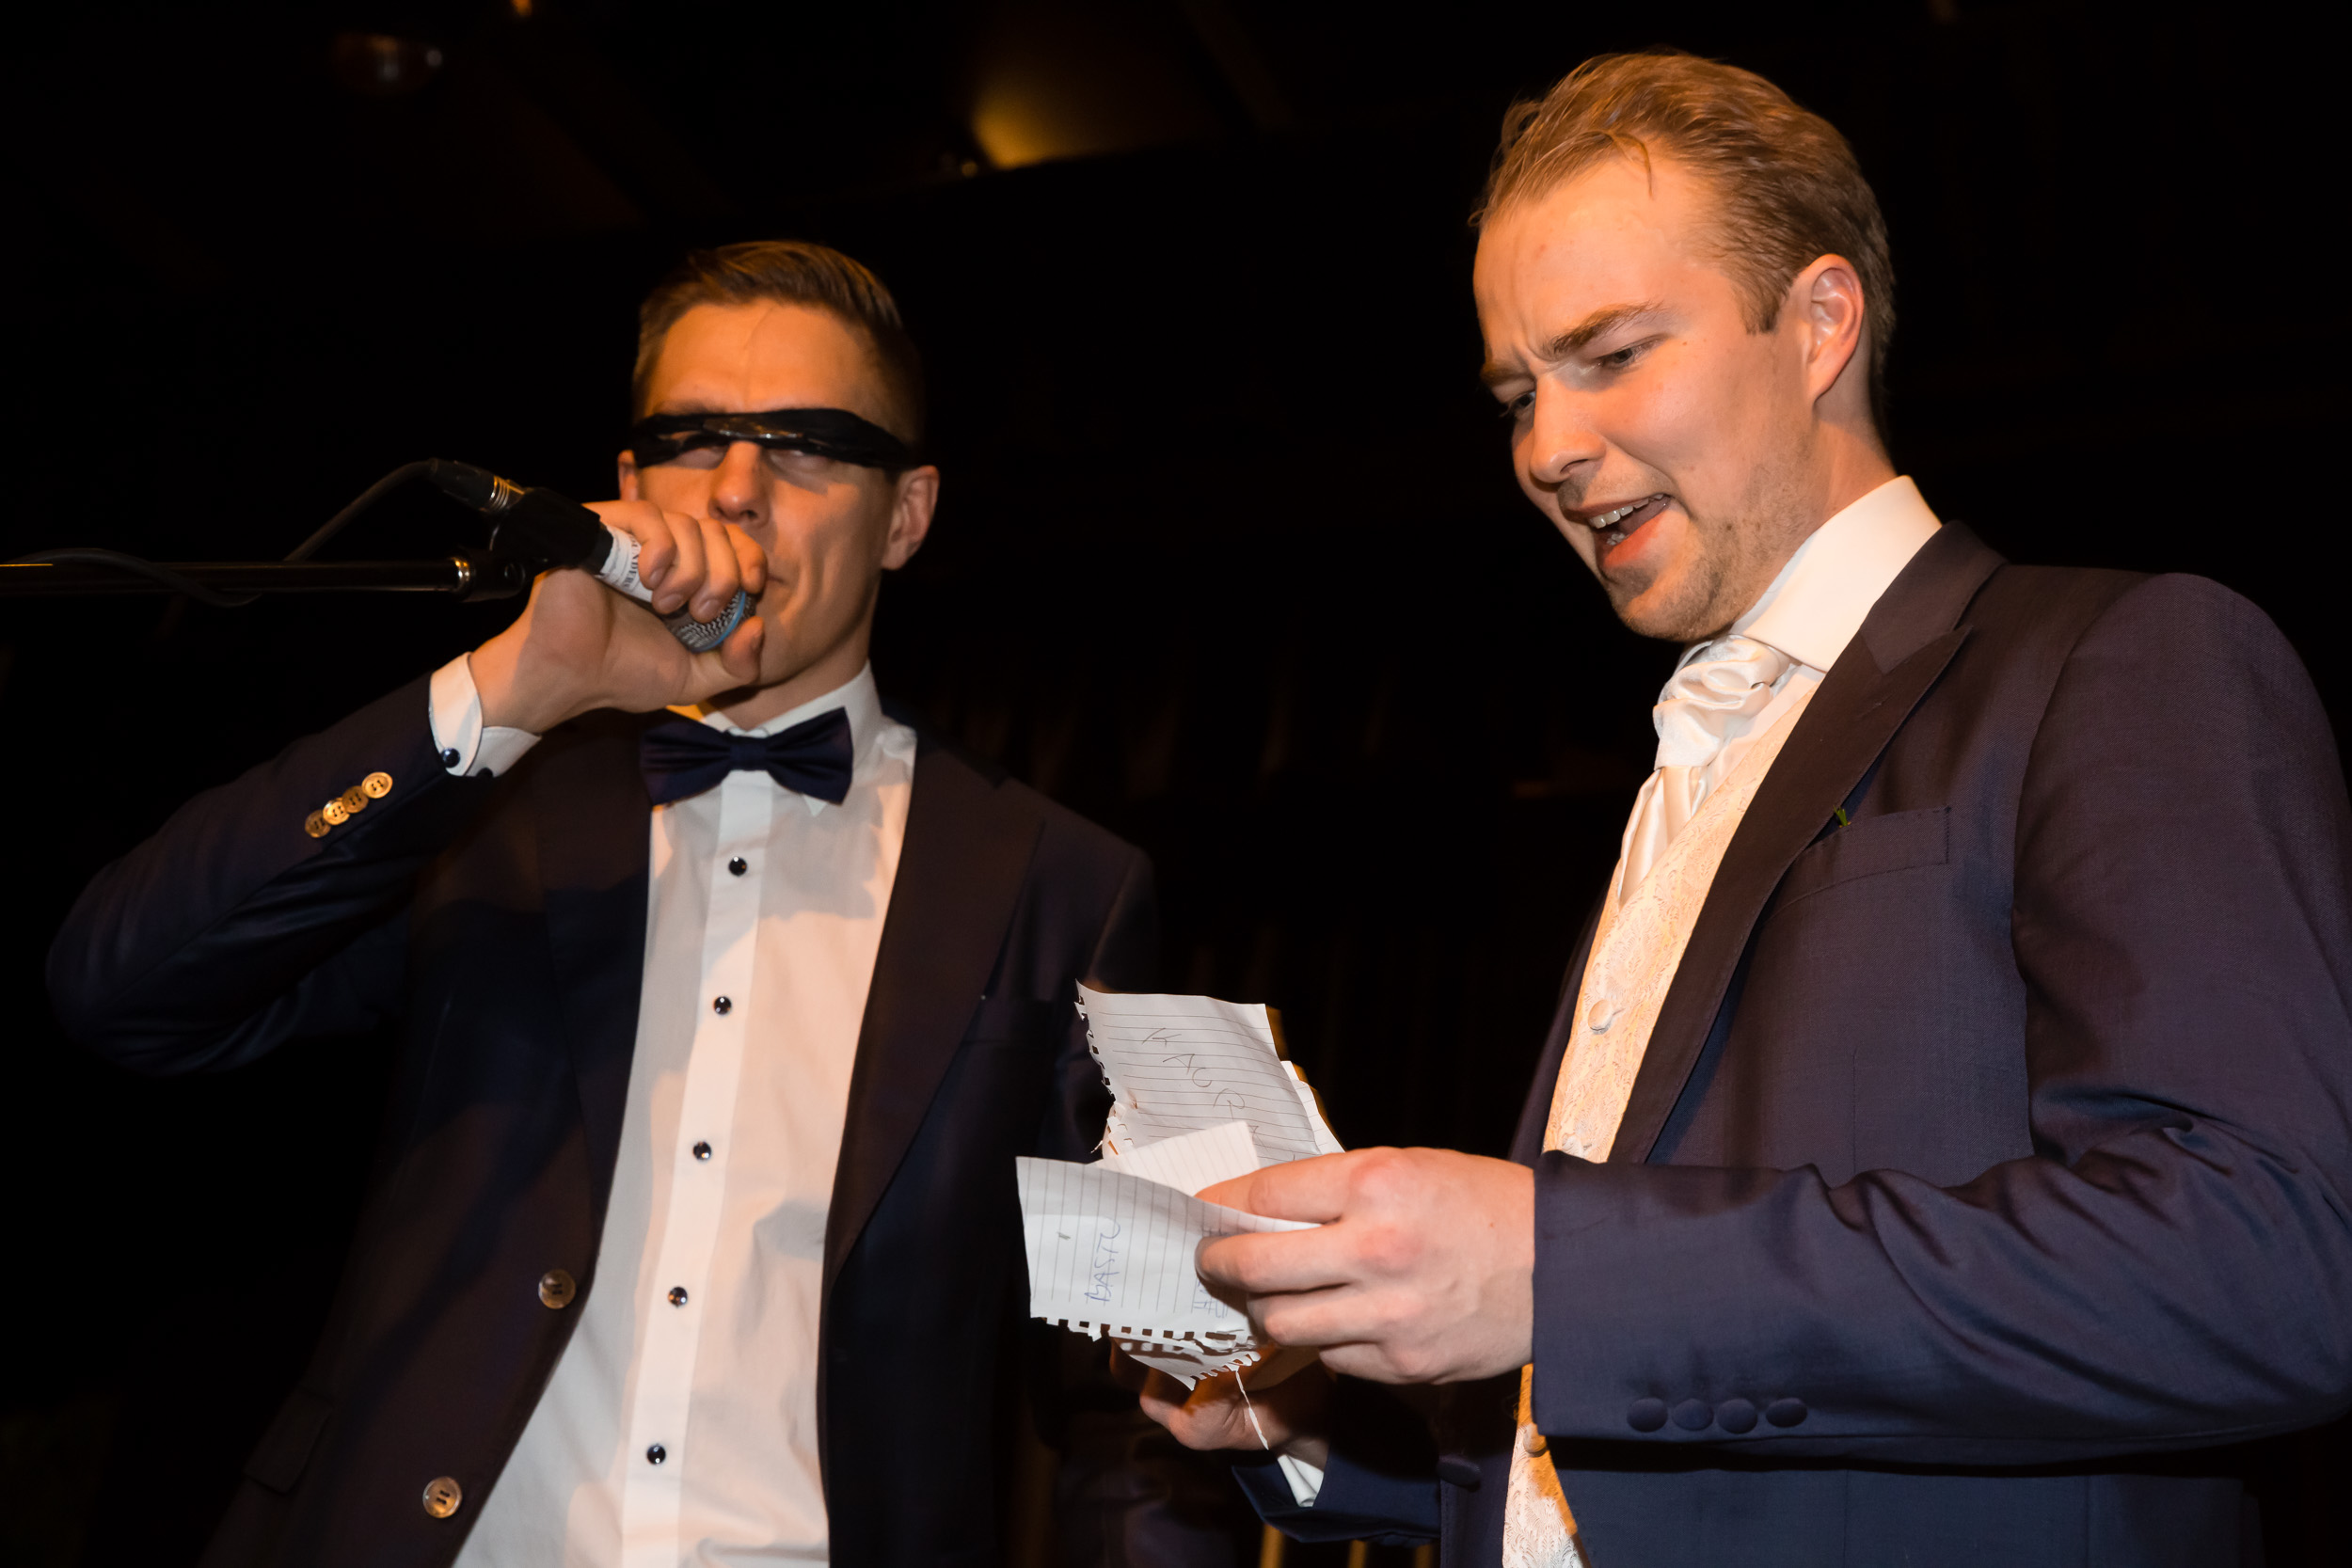 Lauja ja Janne Hääkuvaus 04Nov17 c Alejandro Lorenzo 021.jpg